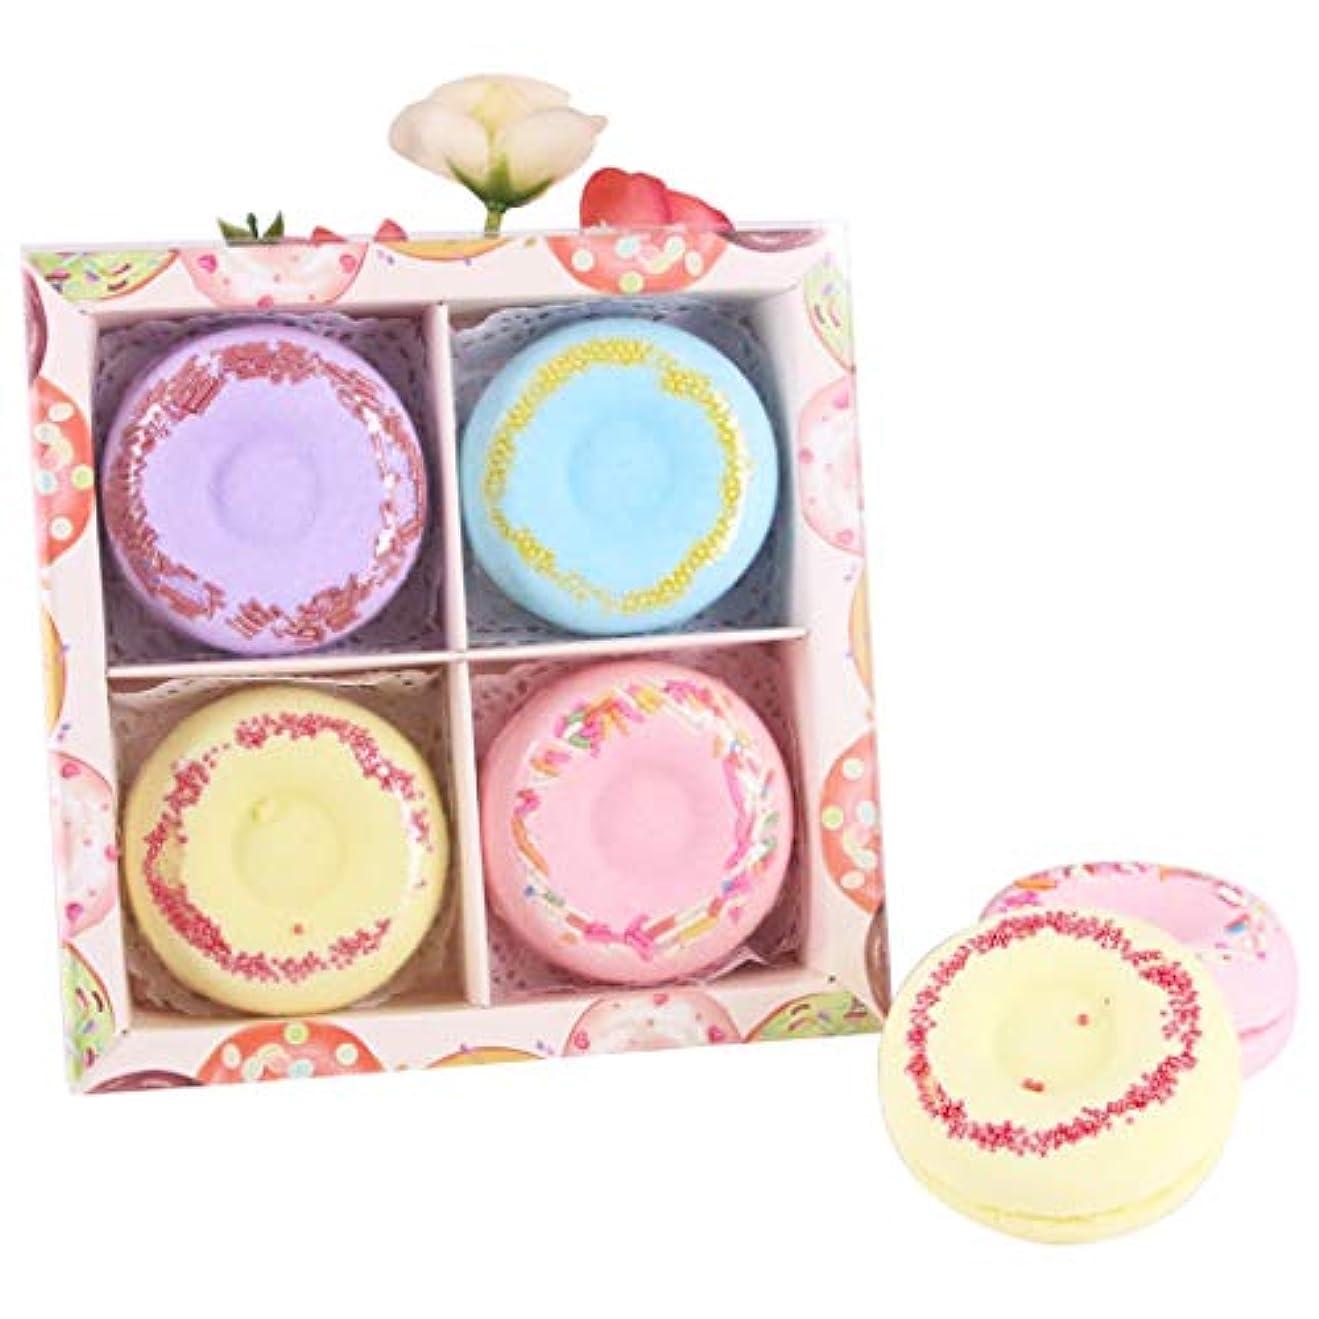 反対する代わりの気をつけてFunpa 4枚セット 入浴剤 入浴ボール ドーナツ型 可愛い 精油 香り残す バレンタインデー 彼女のプレゼント お風呂用